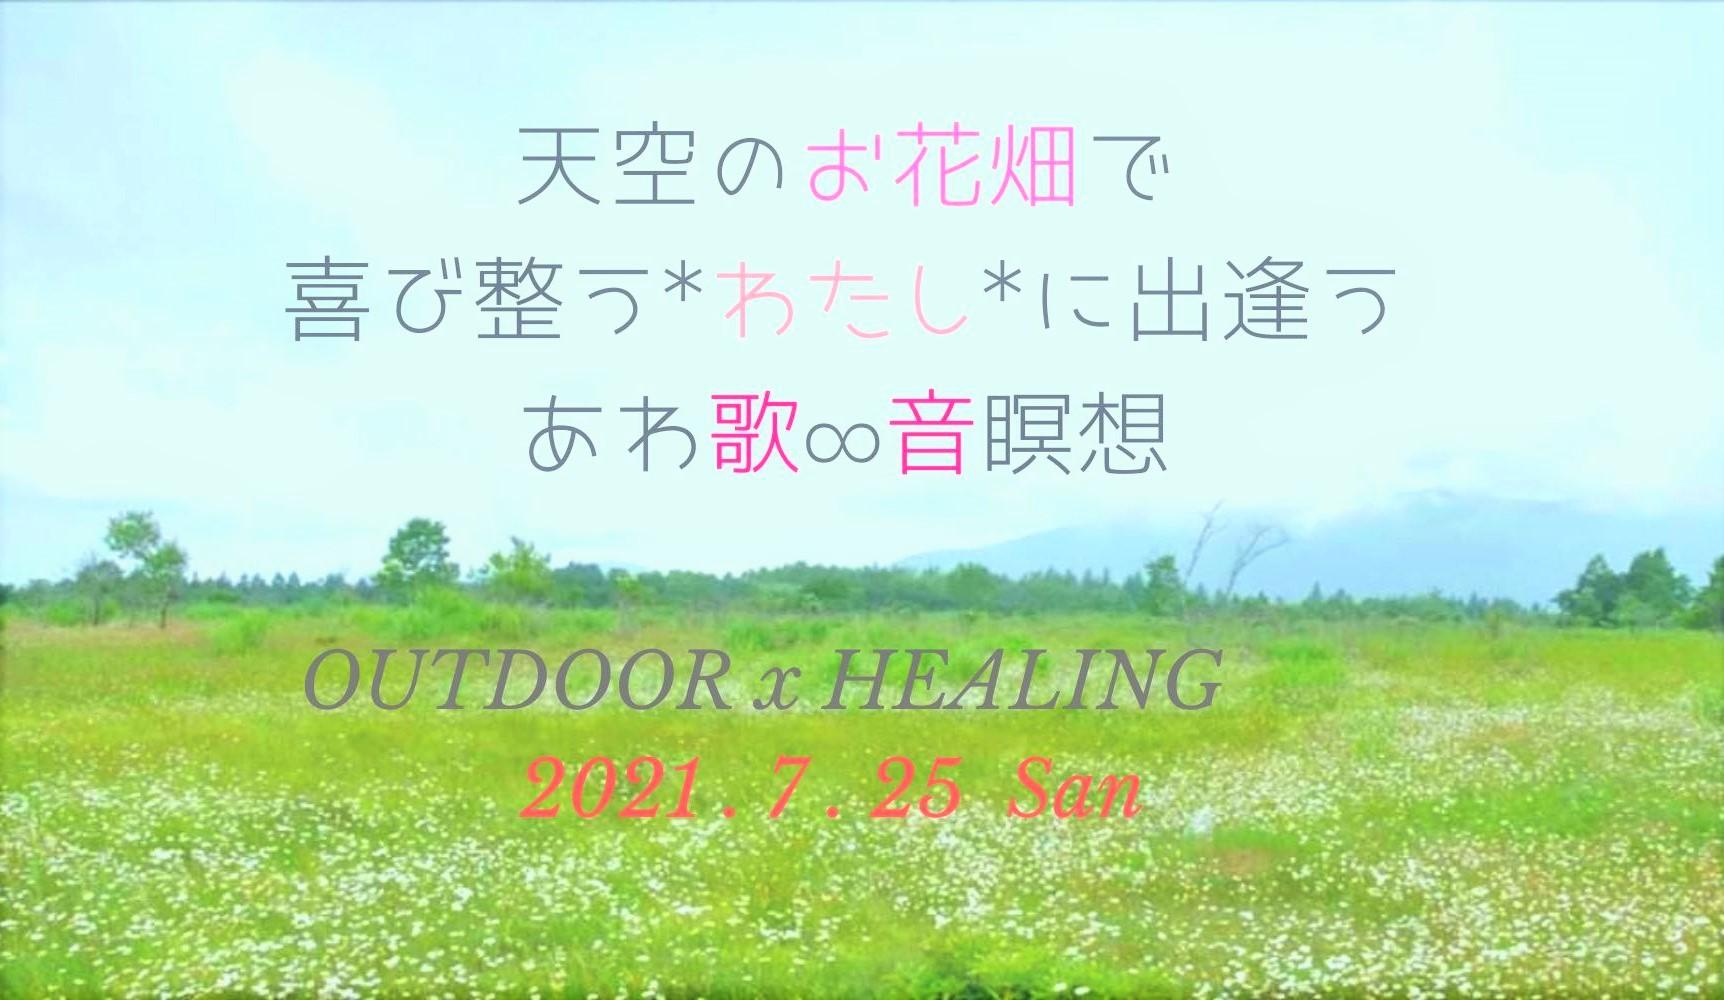 天空のお花畑ツアー2021